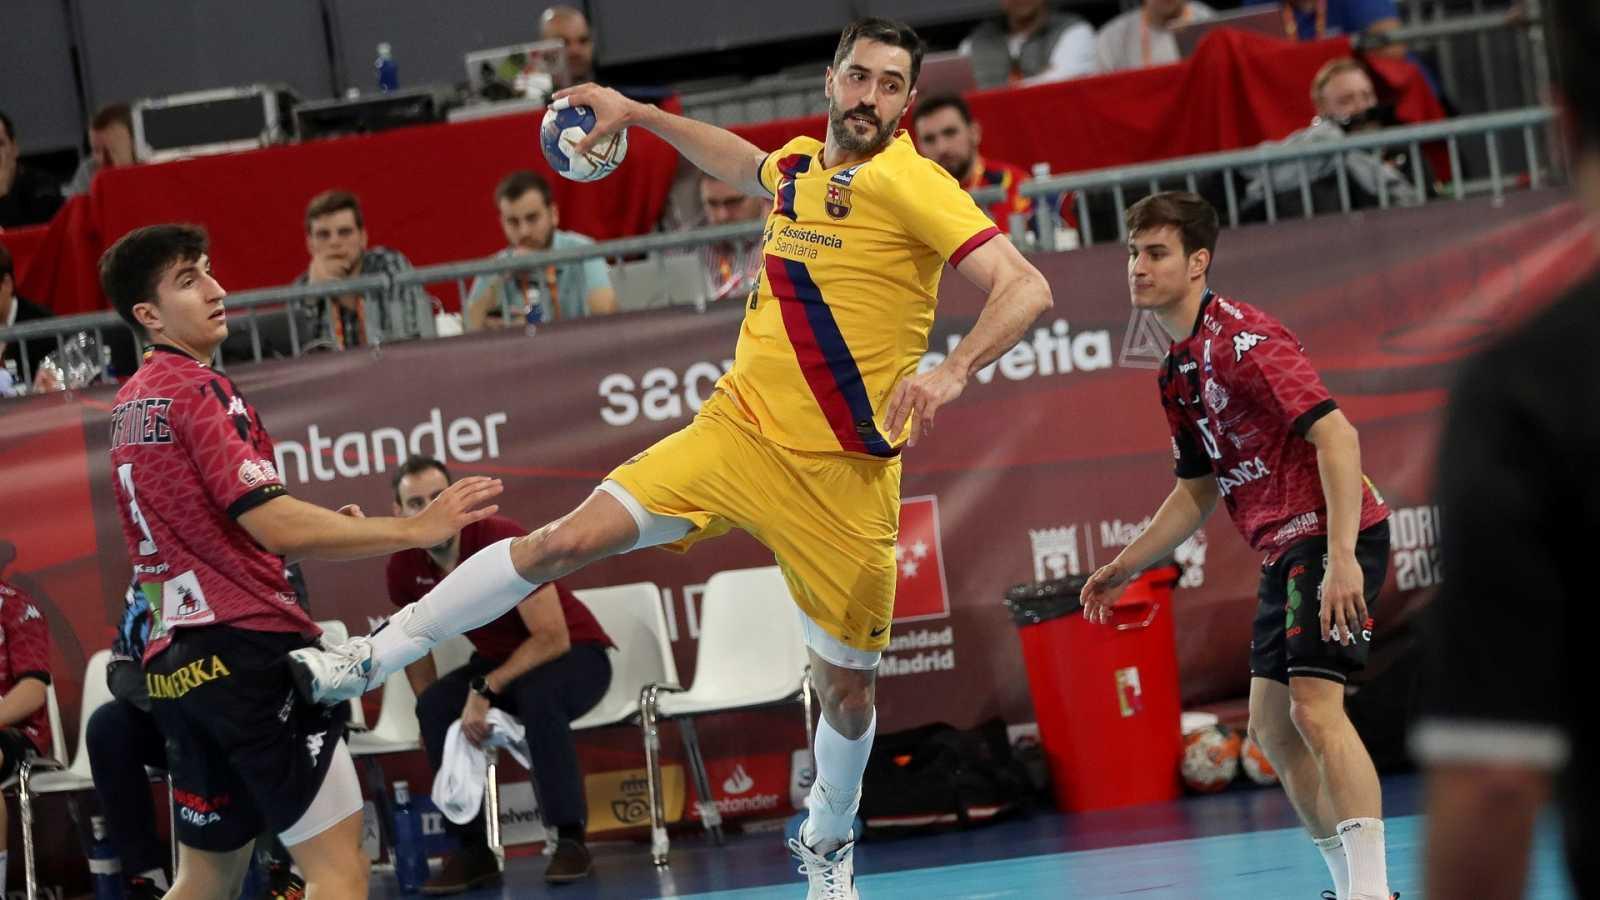 El jugador del FC Barcelona, Raúl Entrerrios (c), supera a los defensores de Ademar León durante el partido de semifinales de la Copa del Rey